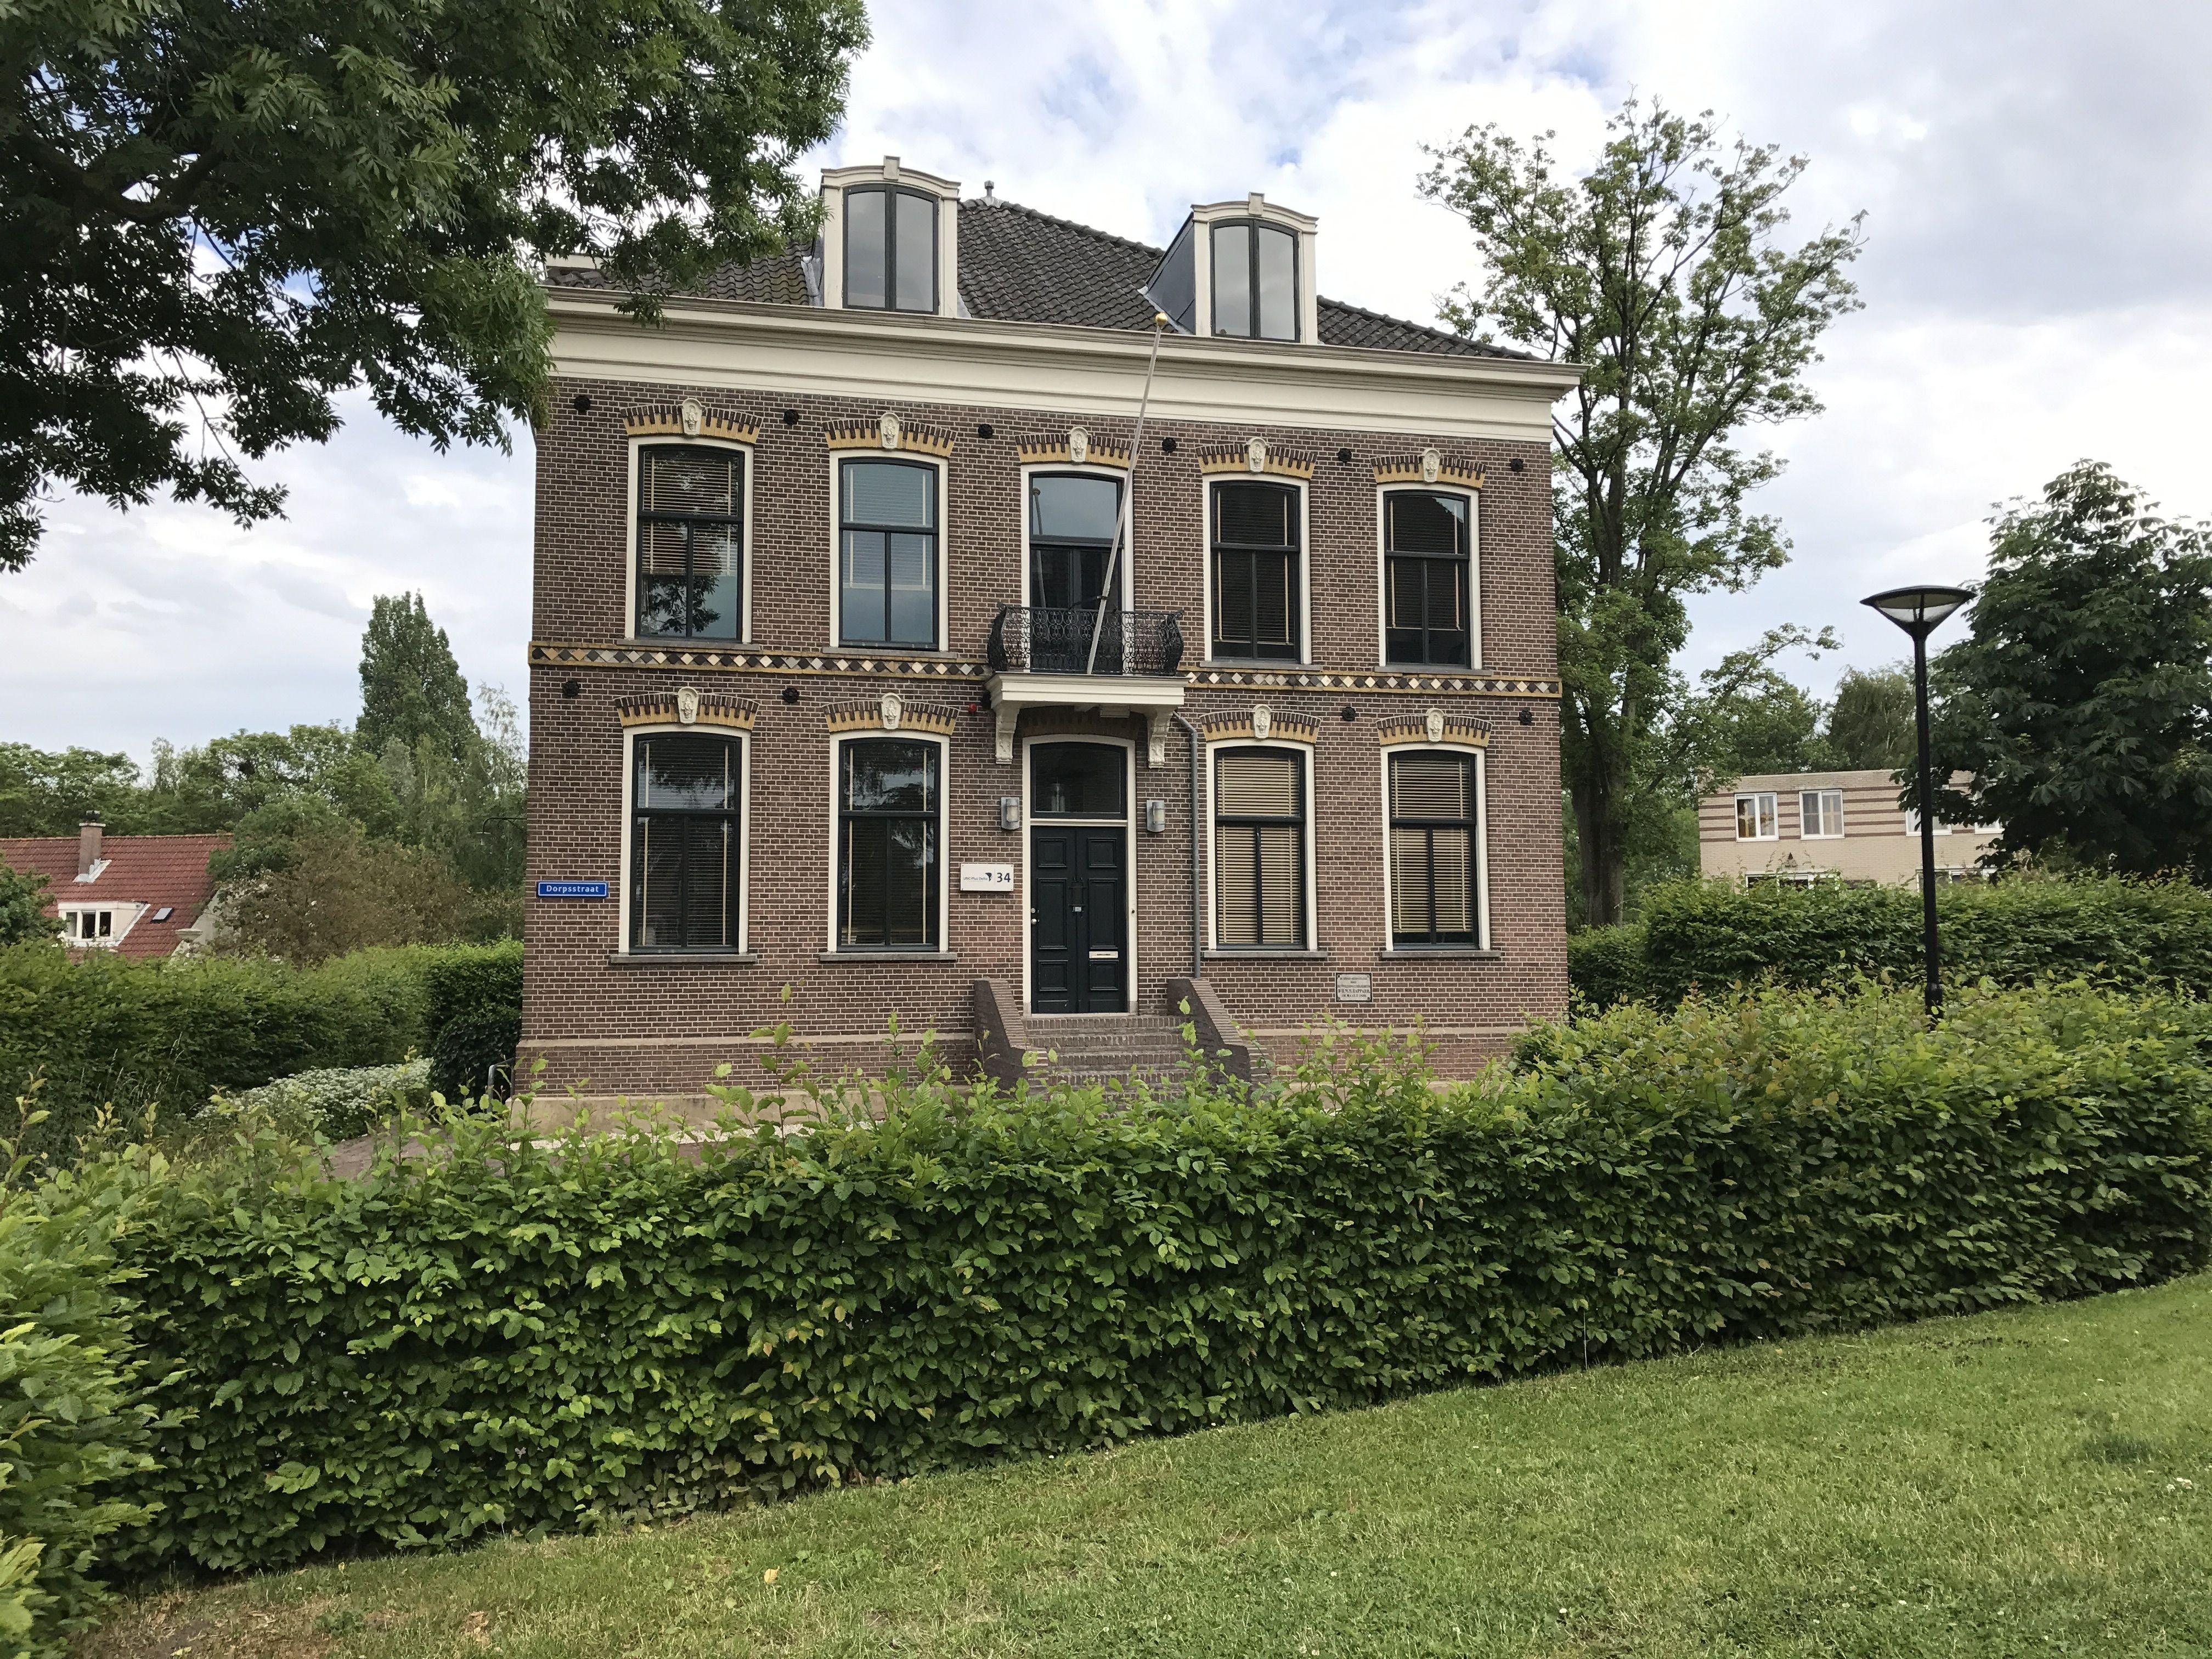 Mooie huis in amersfoort huis